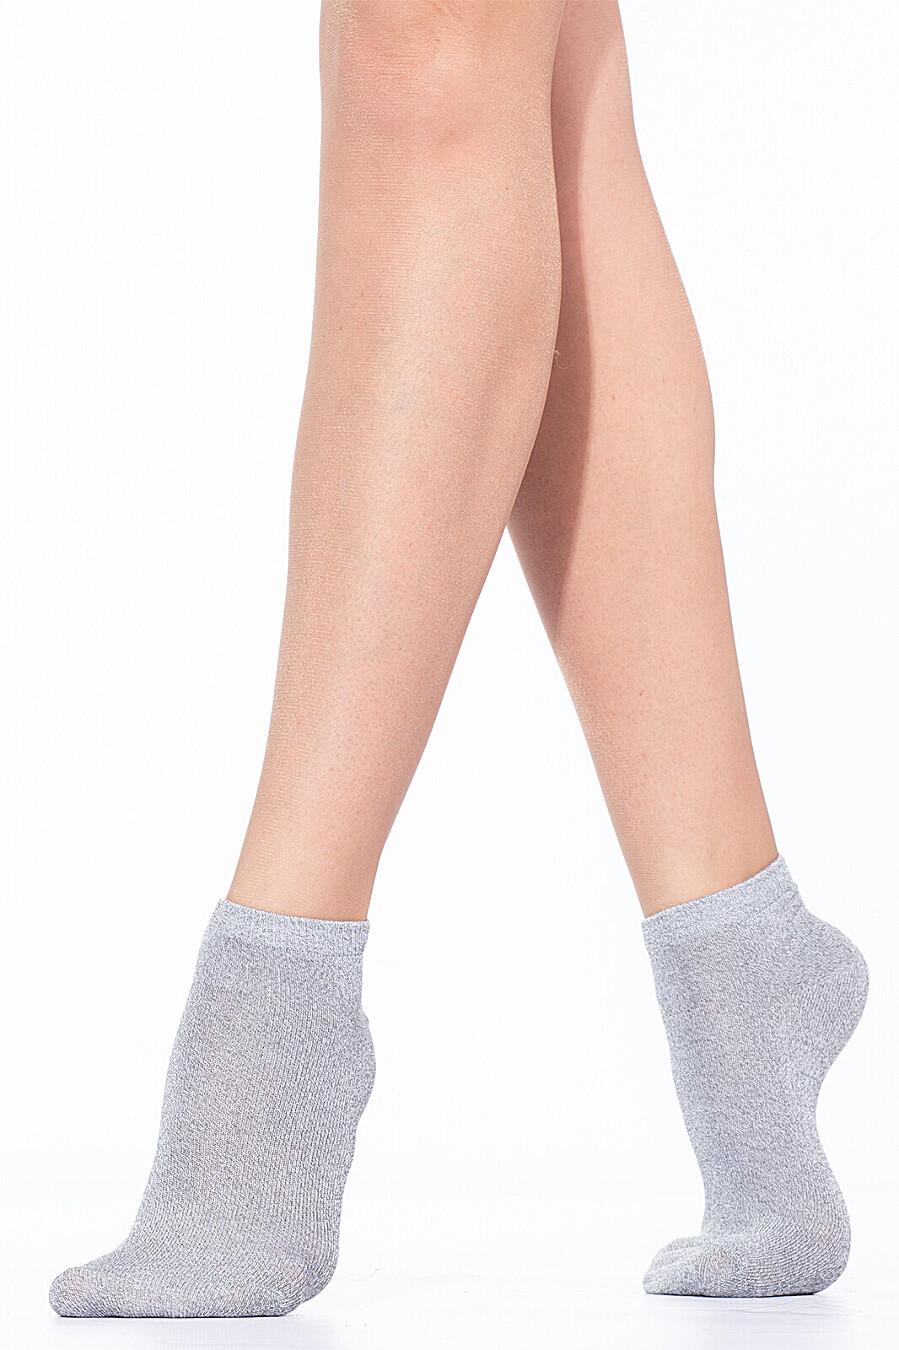 Носки для женщин MINIMI 155812 купить оптом от производителя. Совместная покупка женской одежды в OptMoyo